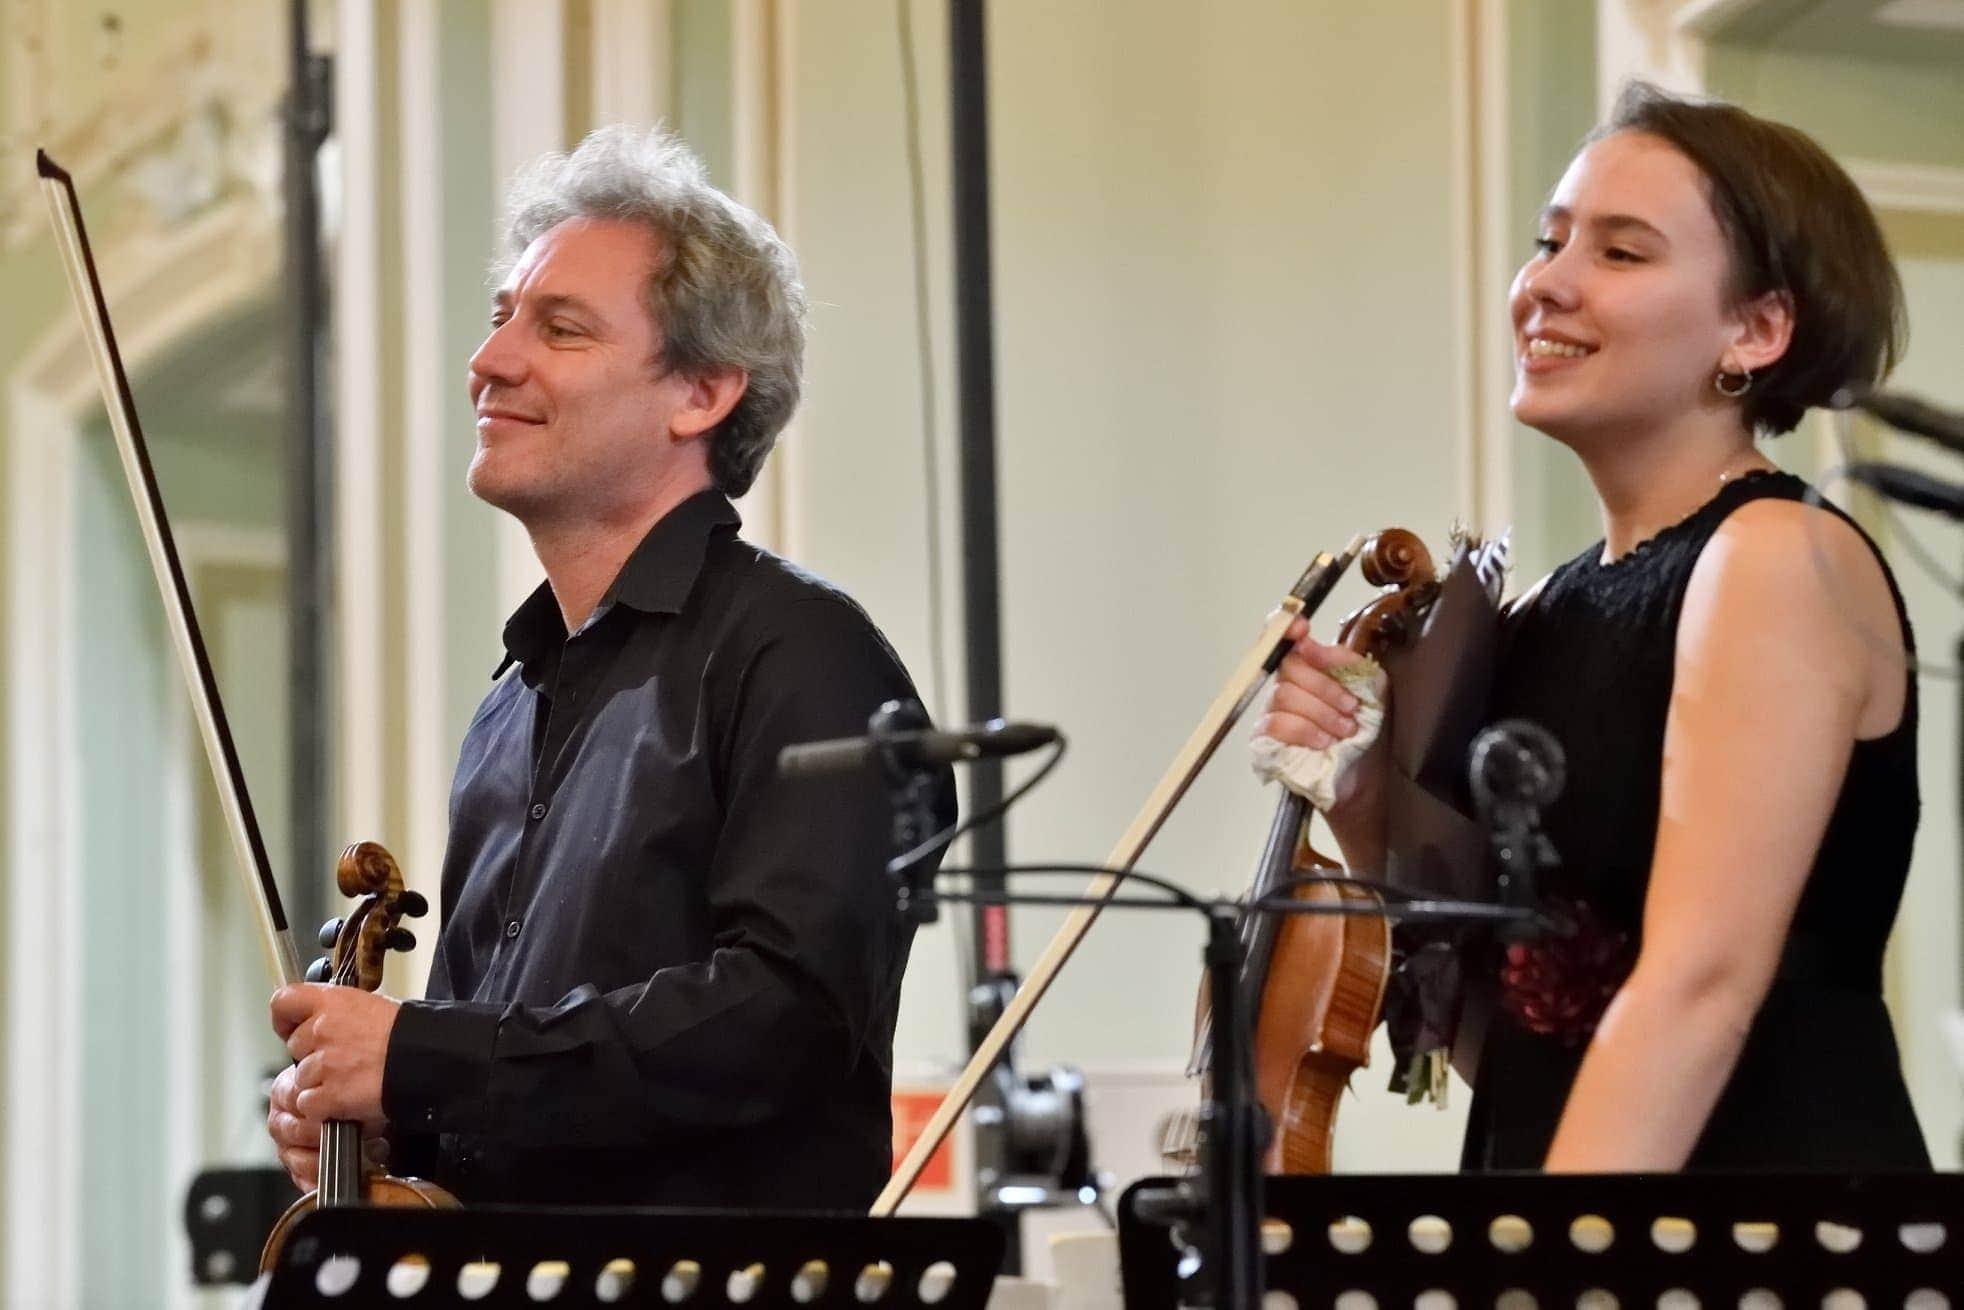 Давид Грималь и Полина Сенатулова. Фото - Ирина Туминине